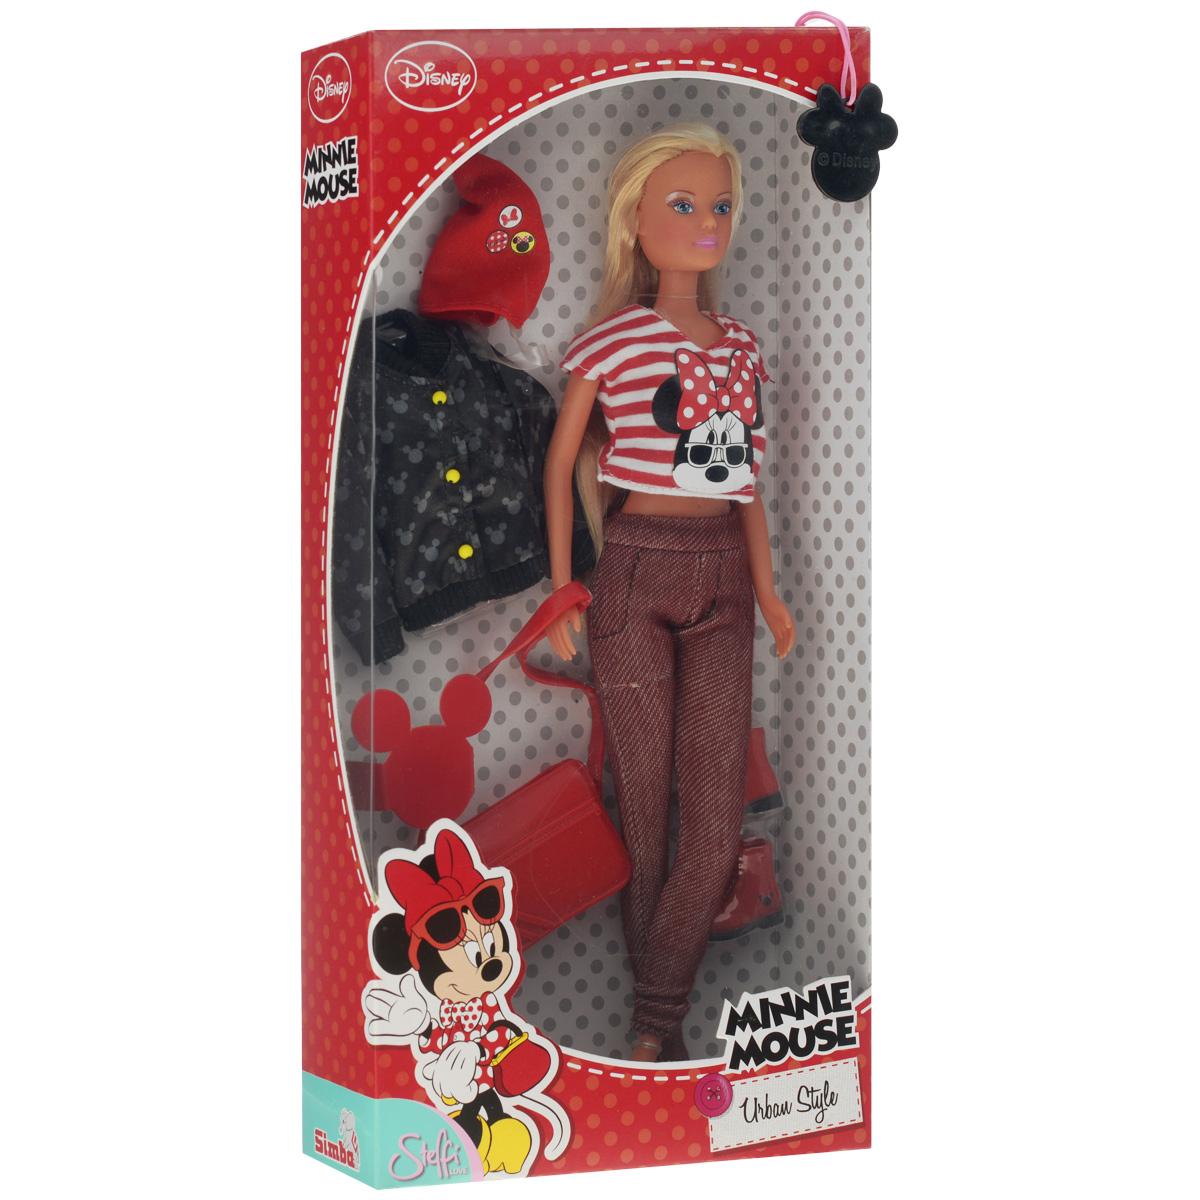 Simba Кукла Штеффи Minnie Mouse, блондинка в штанах и полосатой футболке, 29 см5745877_блондинка в полосатой футболке и штанахSimba Кукла Штеффи Minnie Mouse непременно приведет в восторг вашу малышку и обязательно станет ее любимой игрушкой. Очаровательная блондинка одета в штаны и полосатую футболку с изображением Минни Маус. Все элементы безопасны для ребенка. В комплект с куклой входят: куртка, головной убор, обувь и сумочка. Руки и ноги куклы подвижны, что позволяет придавать ей различные позы. Благодаря играм с куклой, ваша малышка сможет развить фантазию и любознательность, овладеть навыками общения и научиться ответственности. Девочка сможет часами играть с этой милой куколкой, придумывая различные истории.